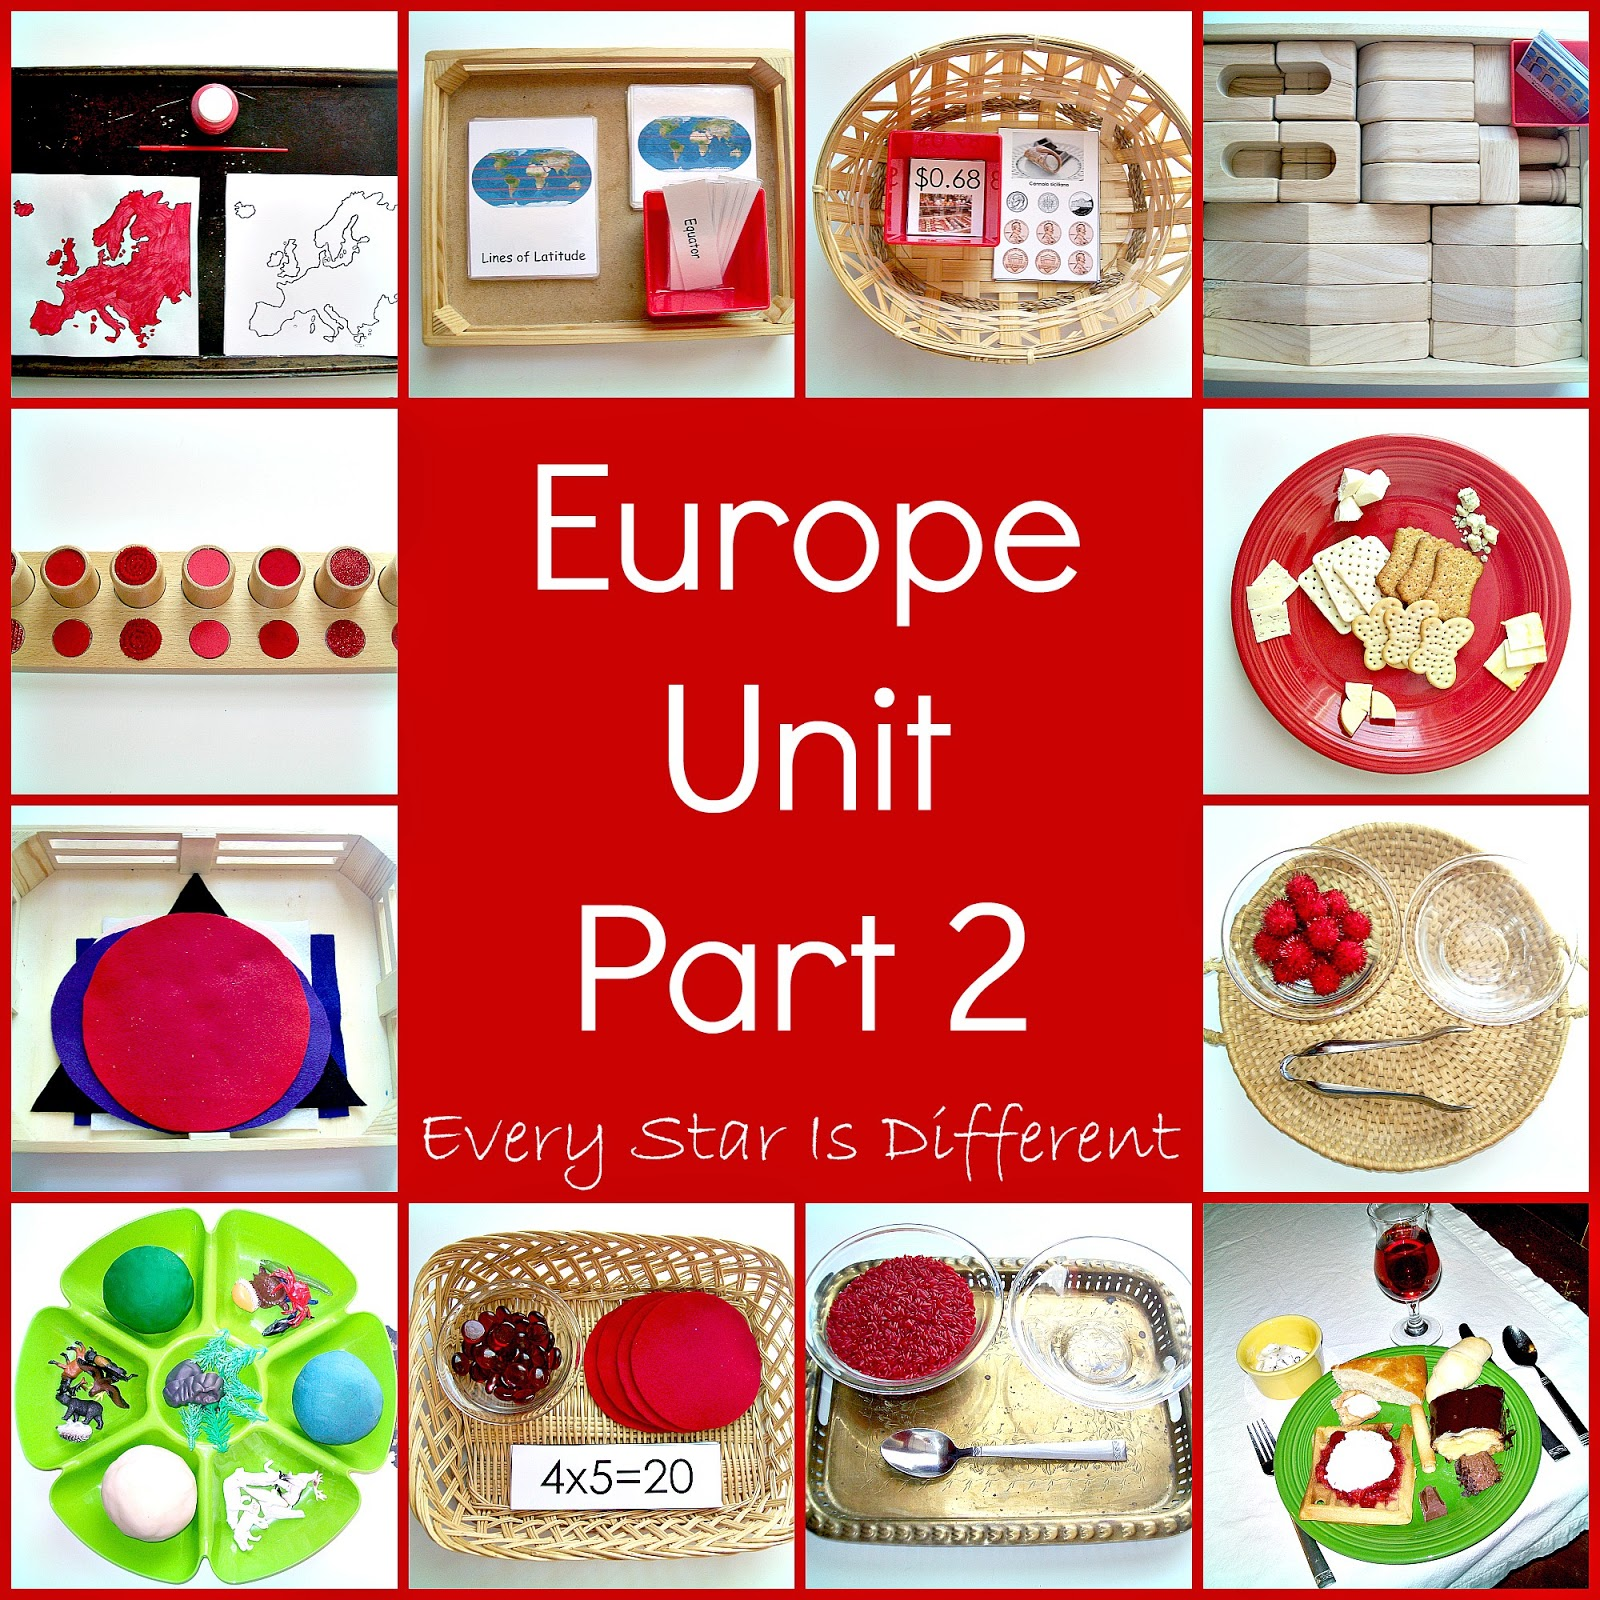 Europe Unit Part 2